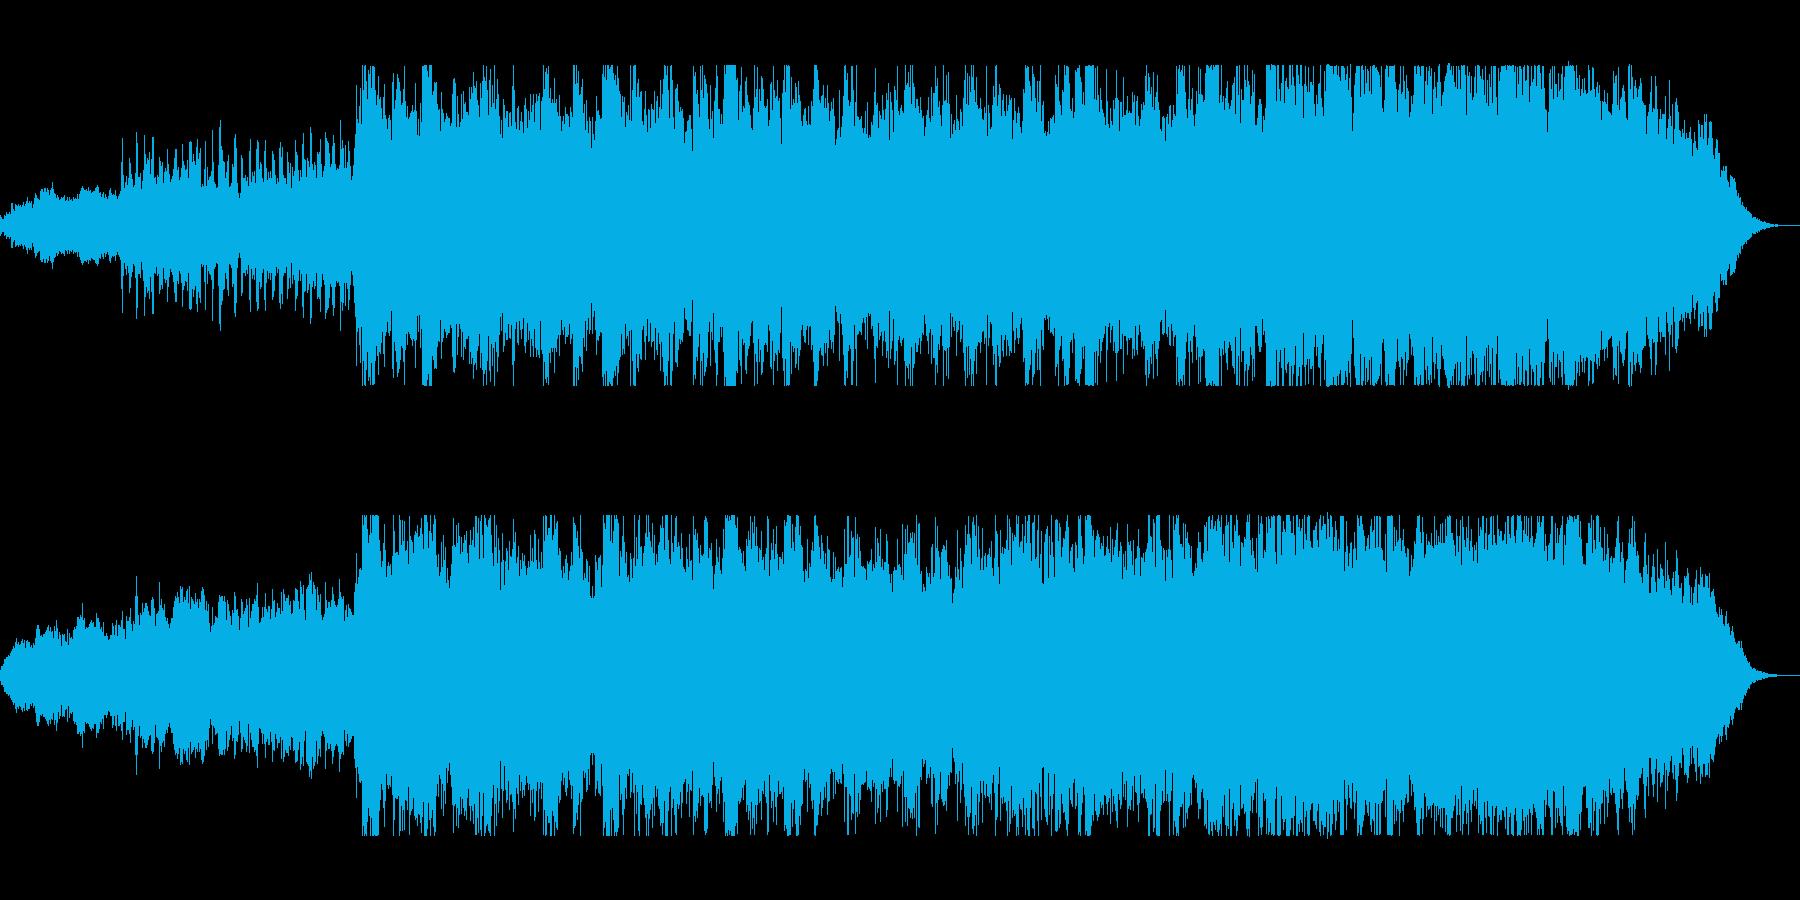 壮大で迫力のオーケストラサウンドの再生済みの波形